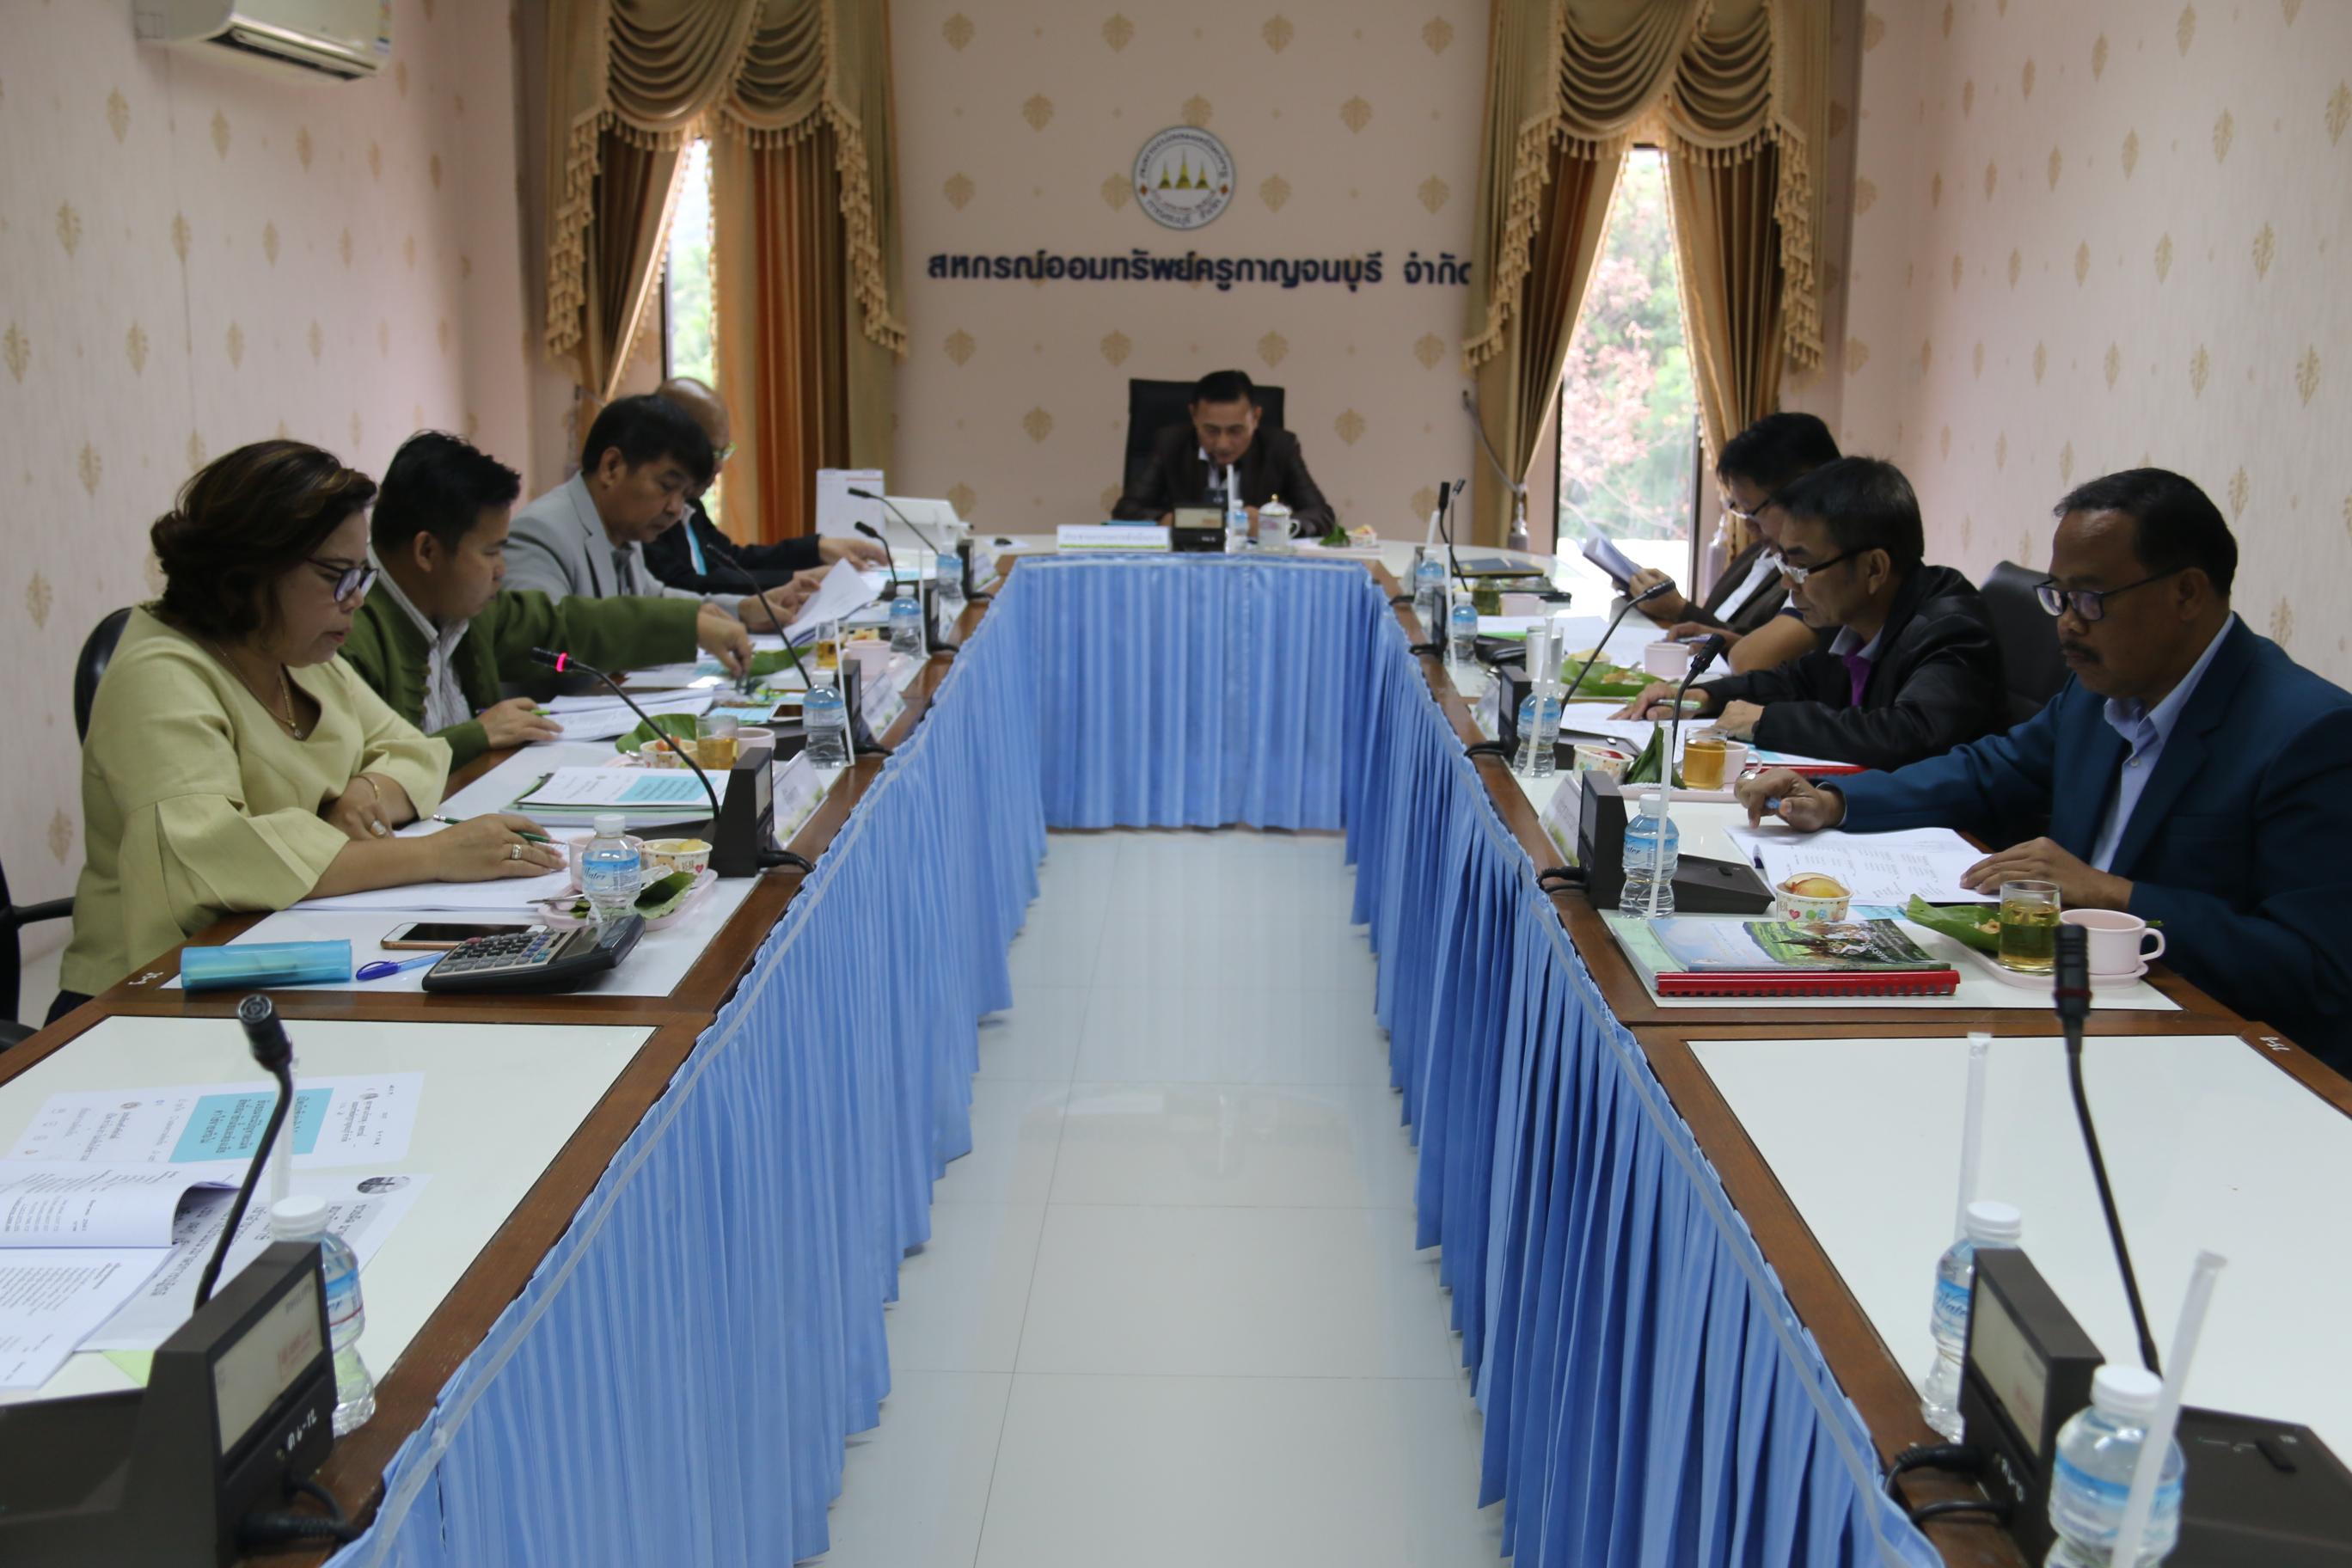 ประชุมคณะกรรมการอำนวยการ ประจำเดือนตุลาคม